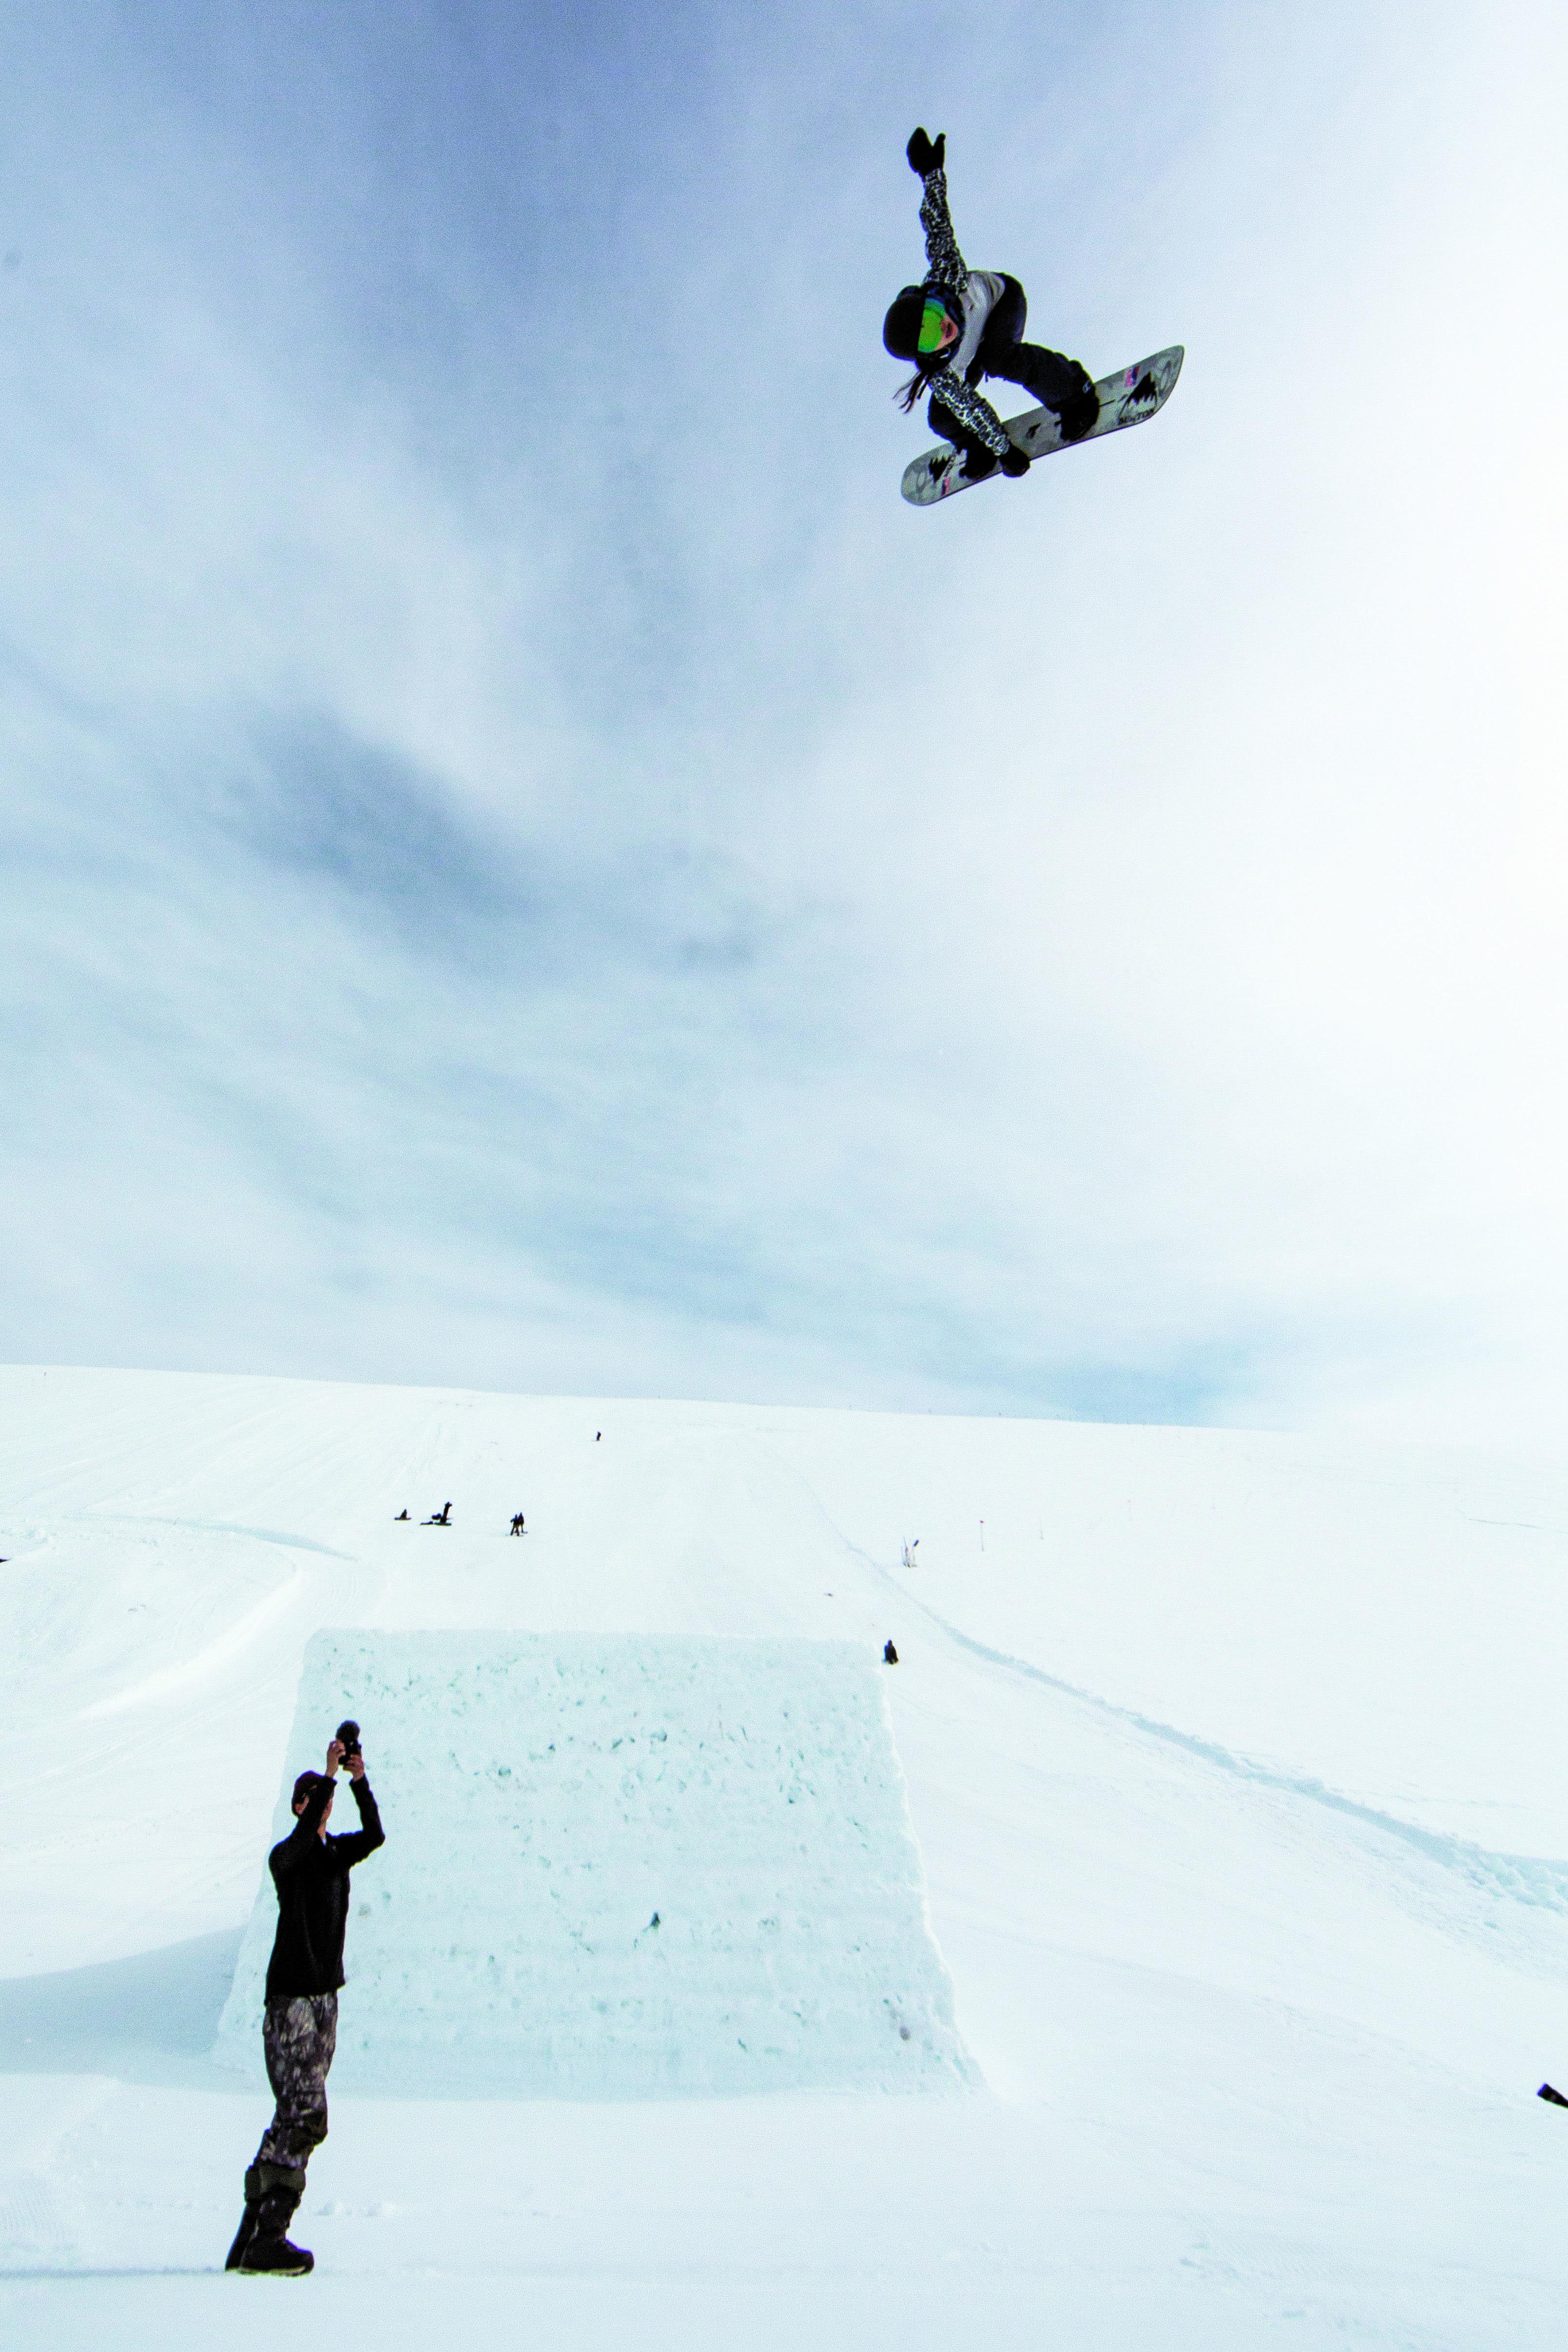 リップから勢いよく飛び出した自信と楽しさに溢れた一枚。大会とは違うジャンプセッションという環境で、自分らしいスノーボードを余すことなく表現する Location: Canada,AB,Sunshine Village VIEWS FROM THE VILLAGE Photo: Erin Hogue